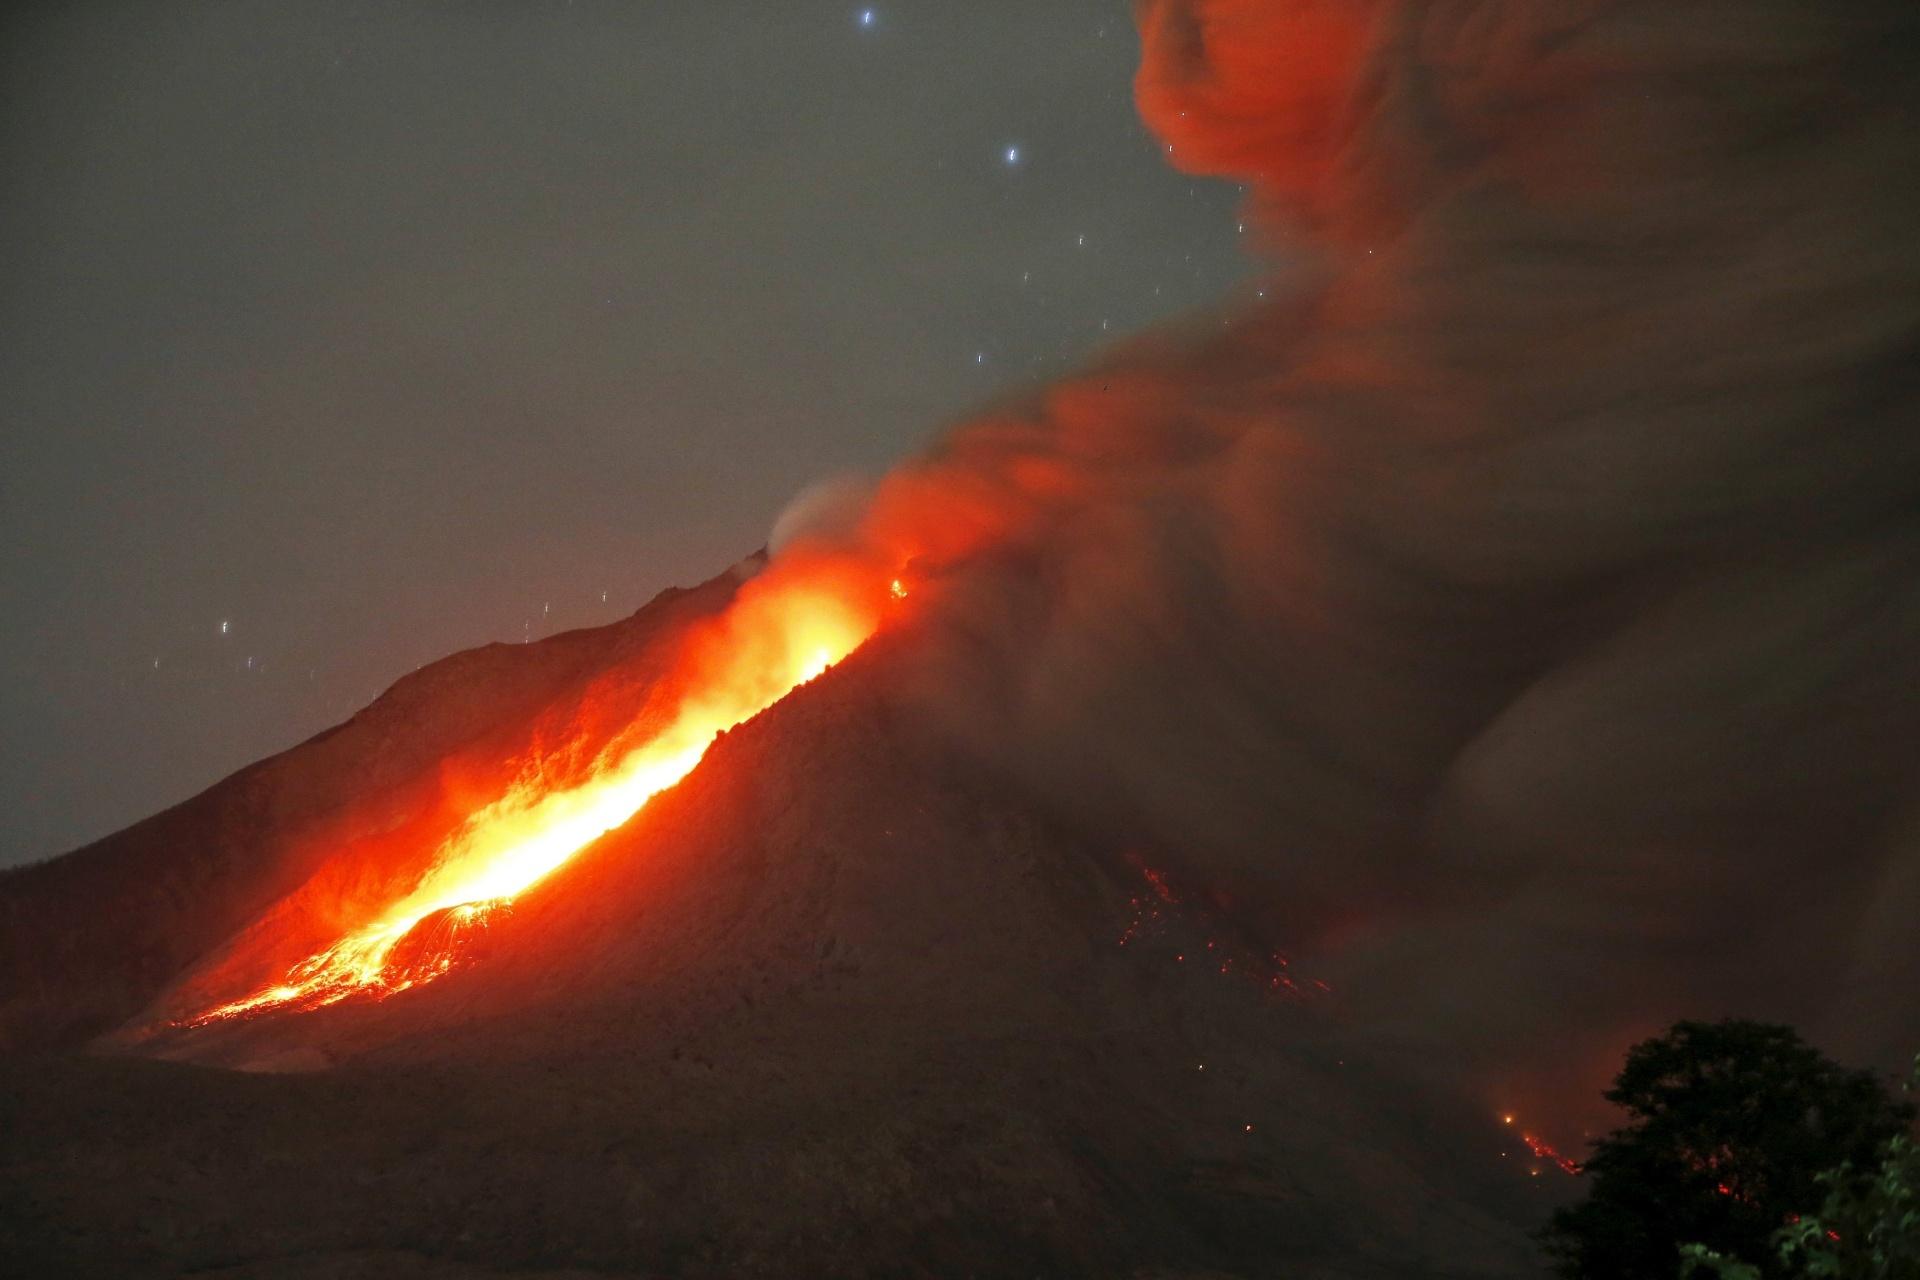 26.jun.2015 - Vulcão Sinabung expele lava e cinzas durante a madrugada no norte de Sumatra, na Indonésia. Mais de 10 mil pessoas, de 12 vilas próximas ao vulcão, foram retiradas de suas casas e levadas para abrigos